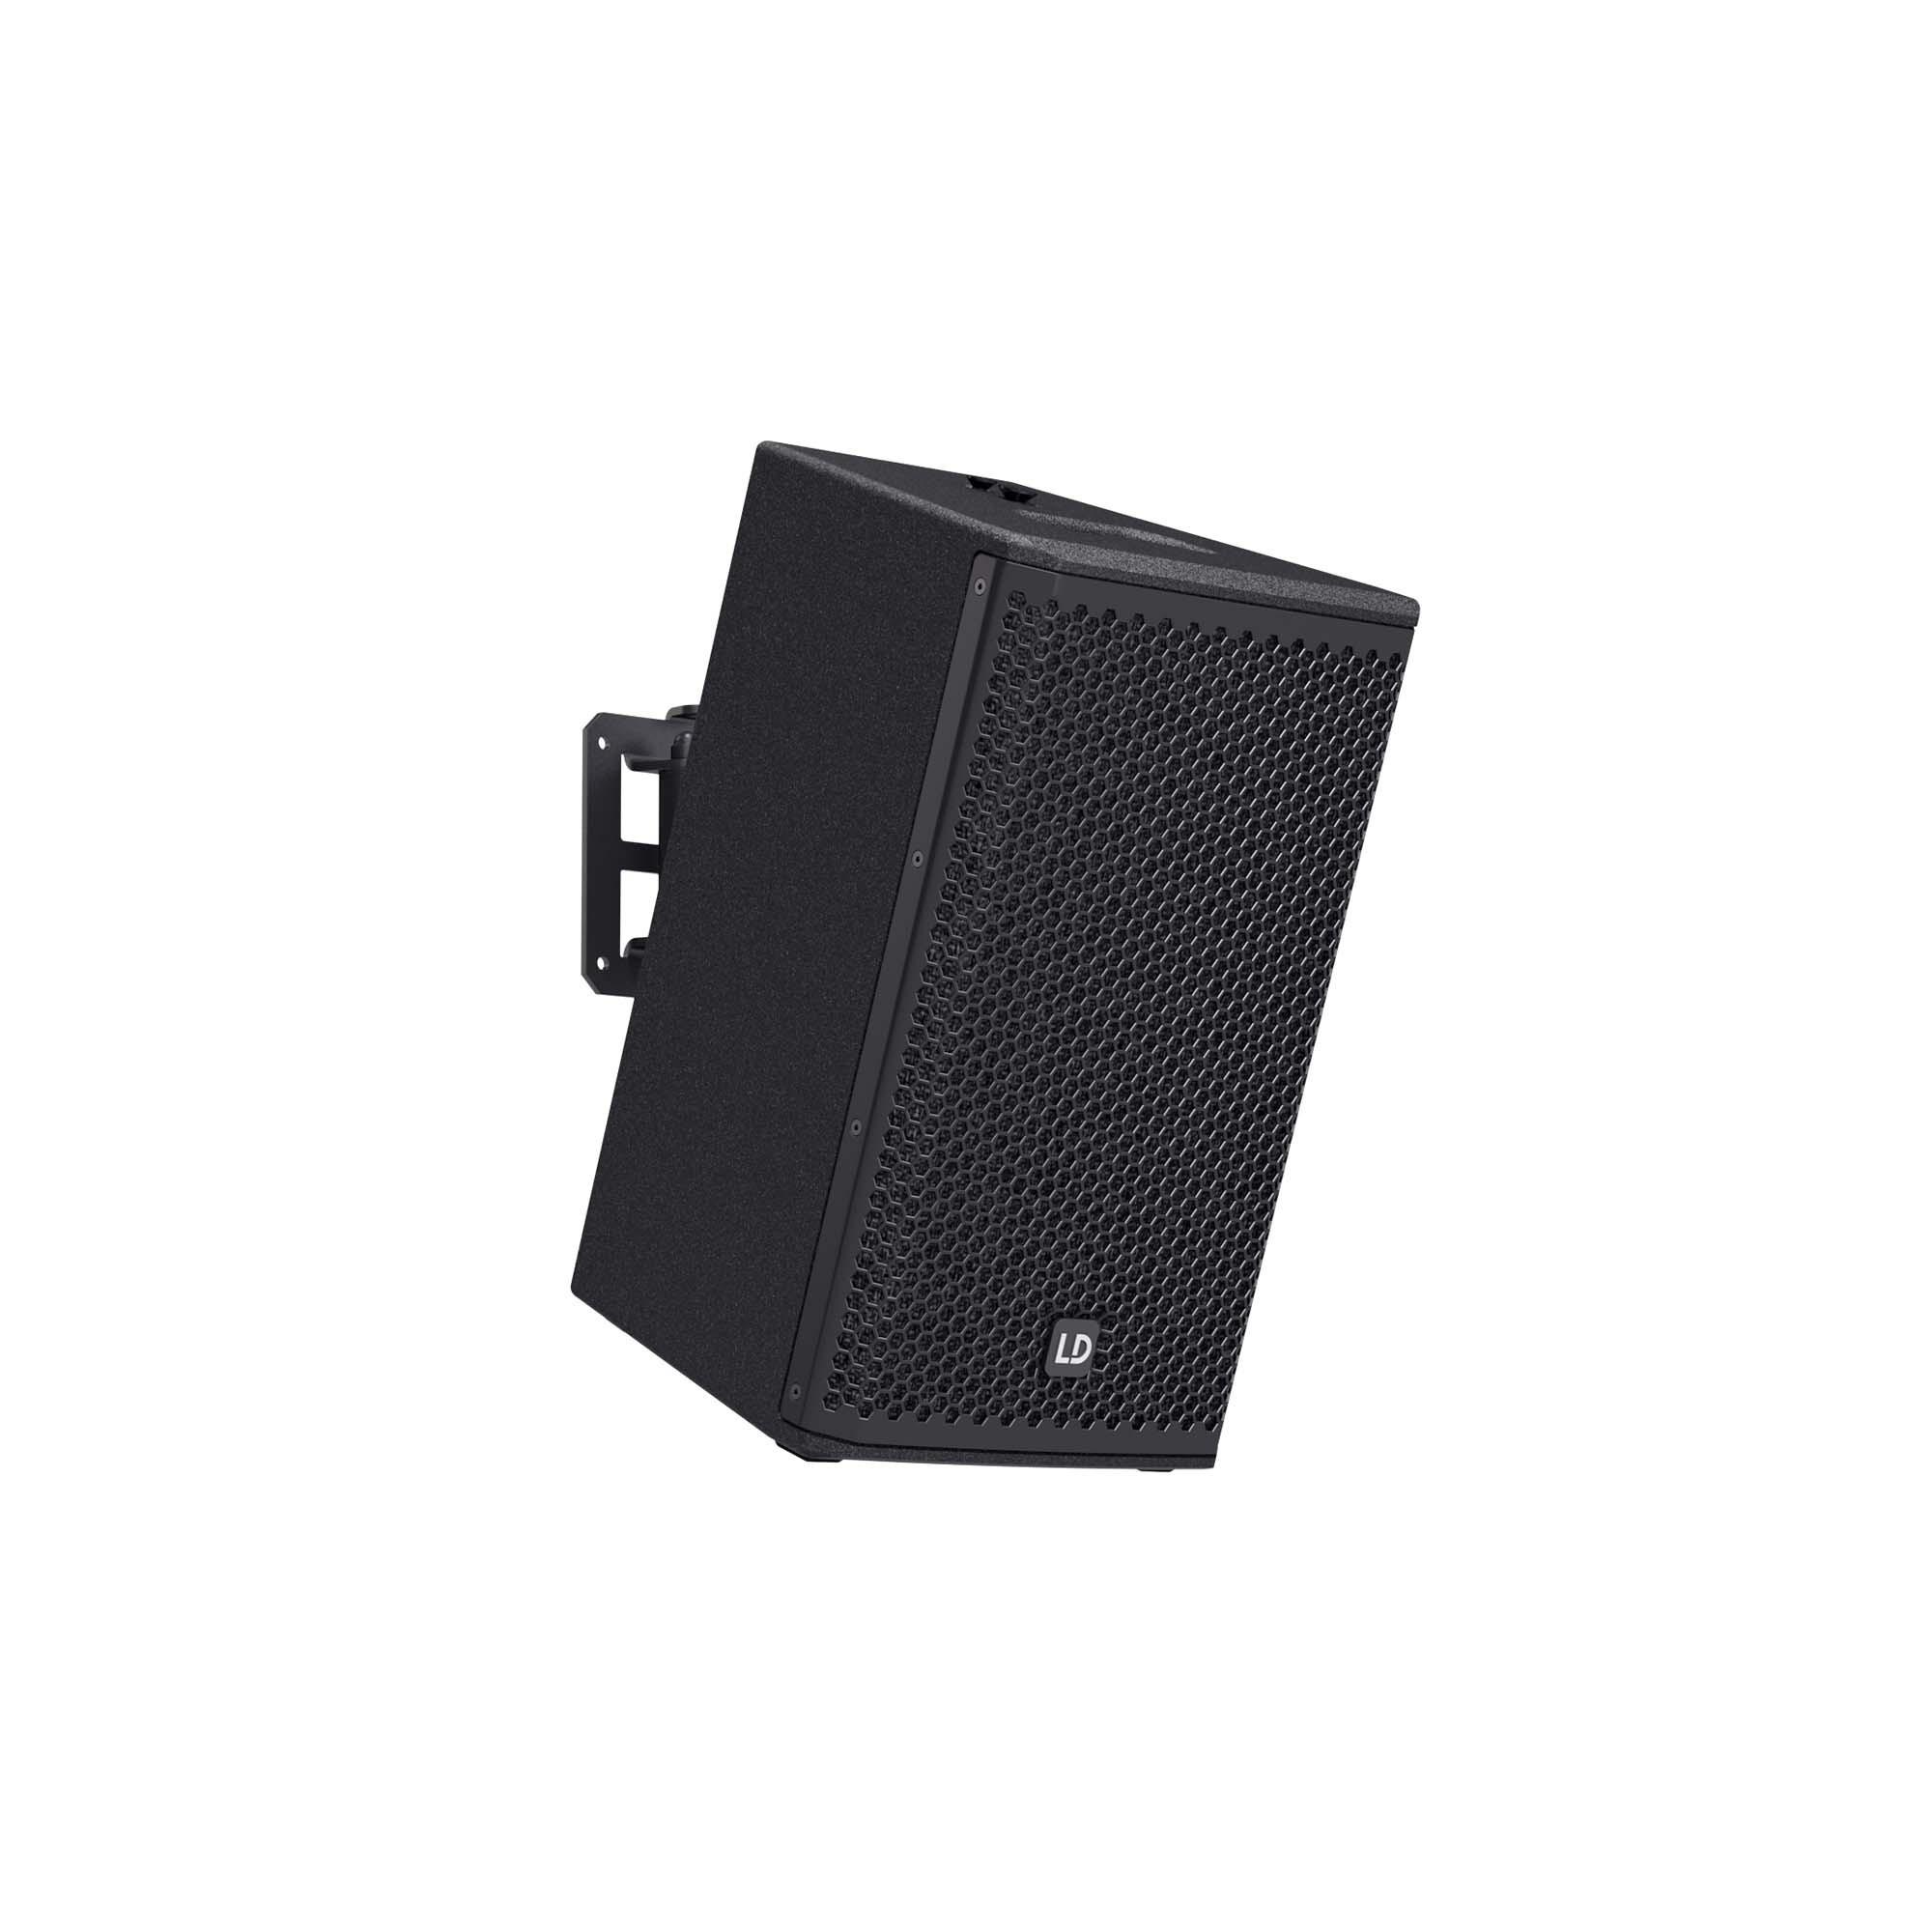 STINGER 8 G3 WMB 1 Tilt & swivel wall mount, suitable for Stinger® 8 G3 (passive)